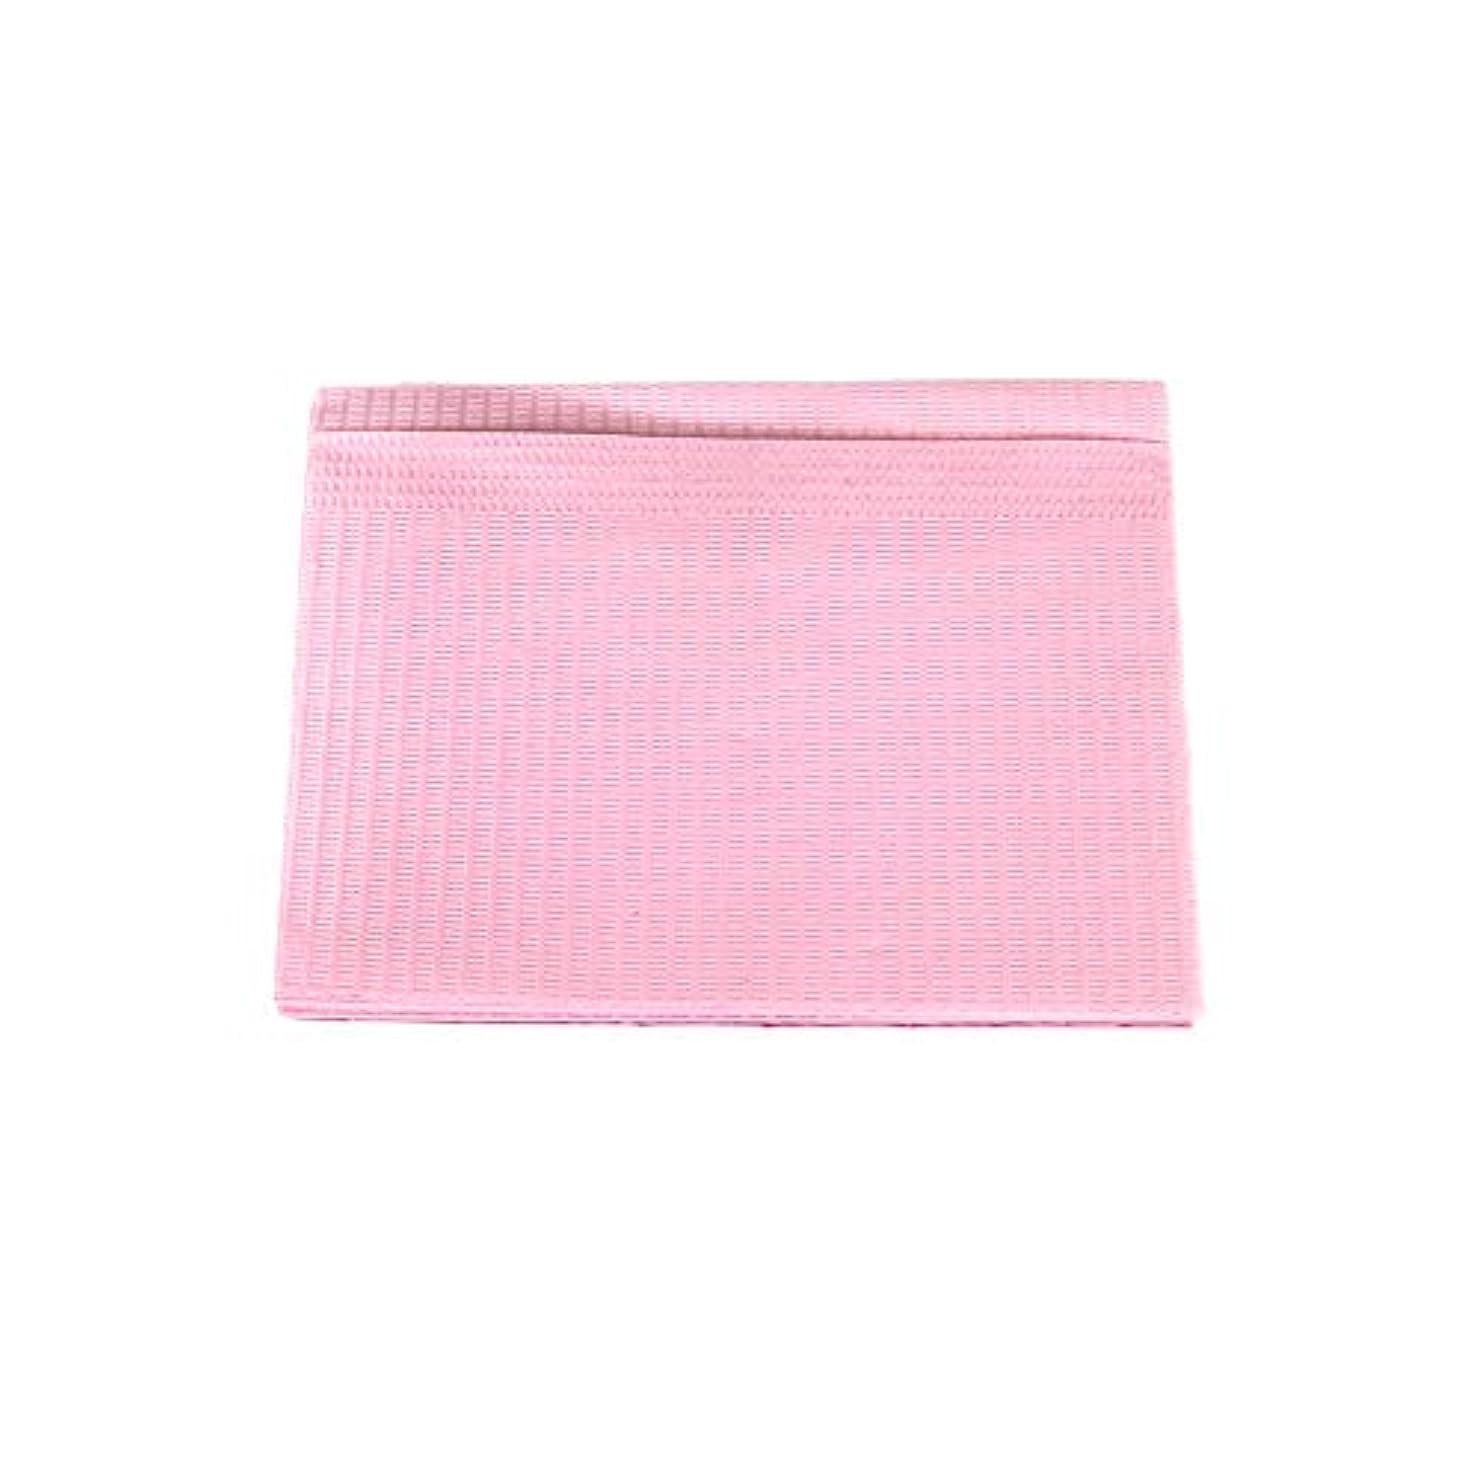 スタウト道を作る混合防水ネイルペーパー ピンク 10枚入り ネイルシート 防水ペーパー キッチンペーパー